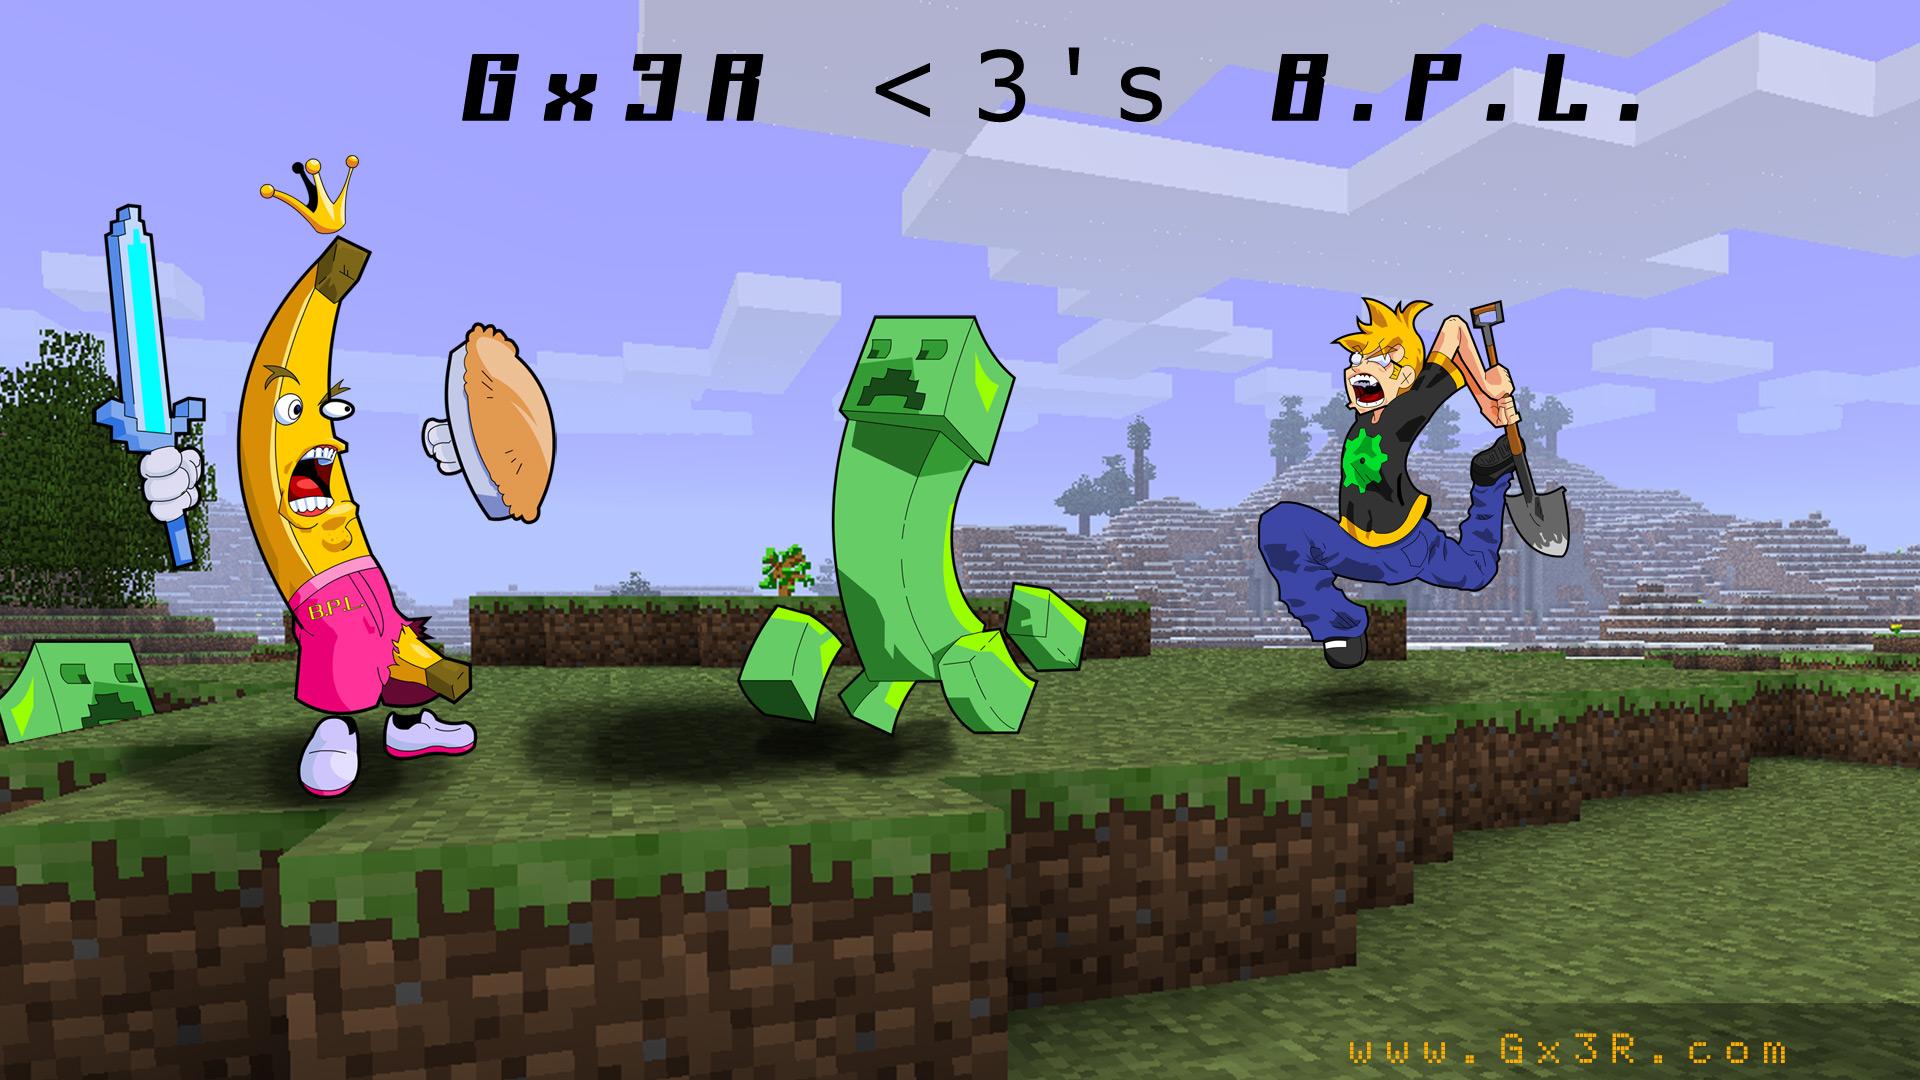 Minecraft B.P.L. & Gx3R